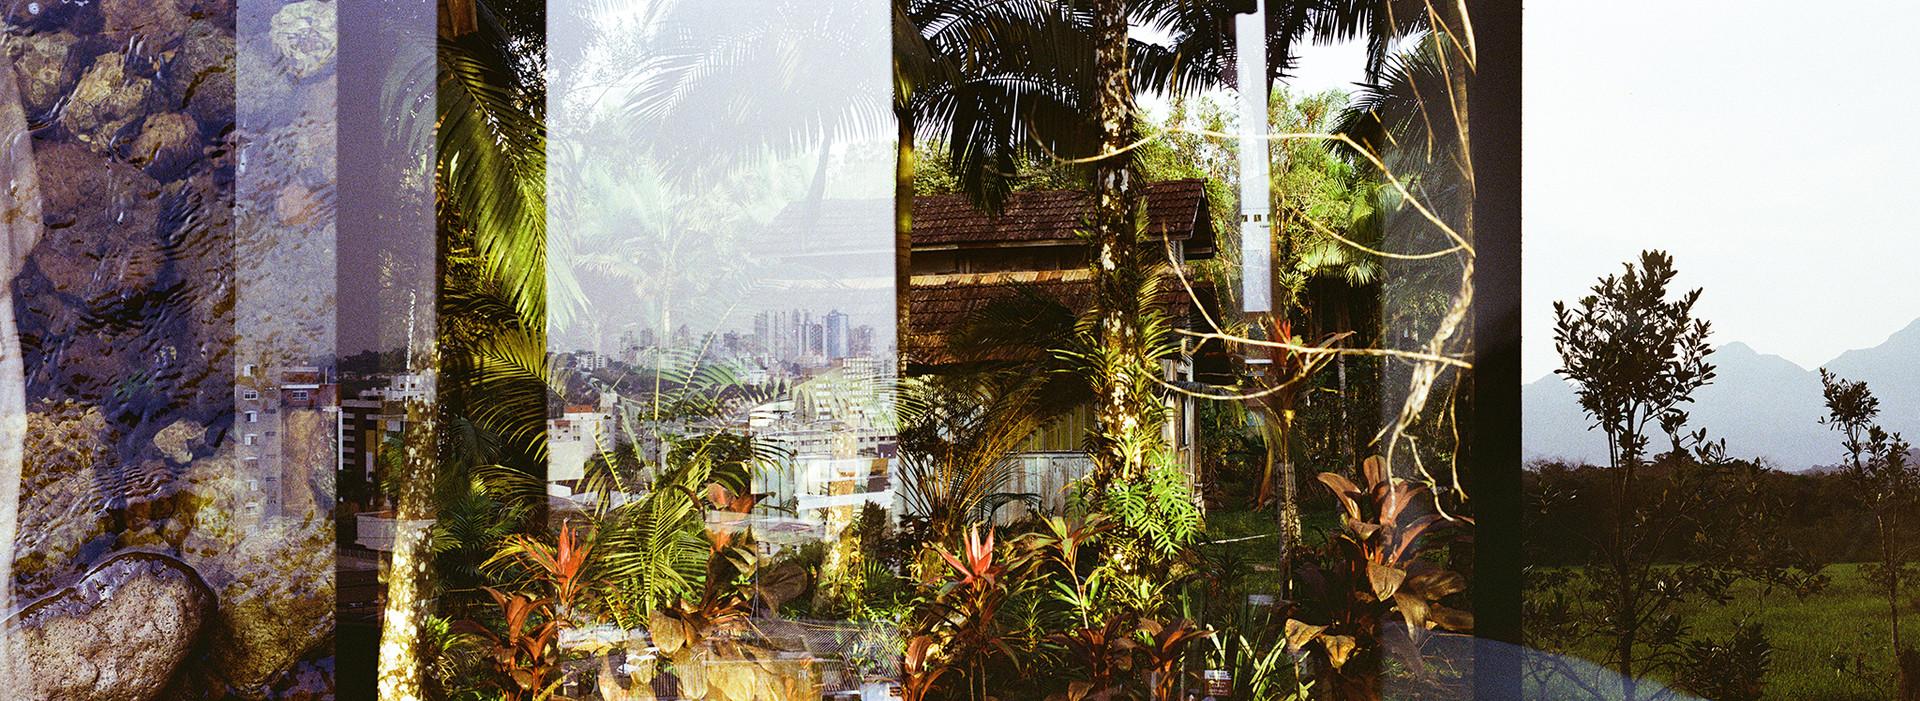 panorama-fotografia-de-Cayo-Vieira-005.j